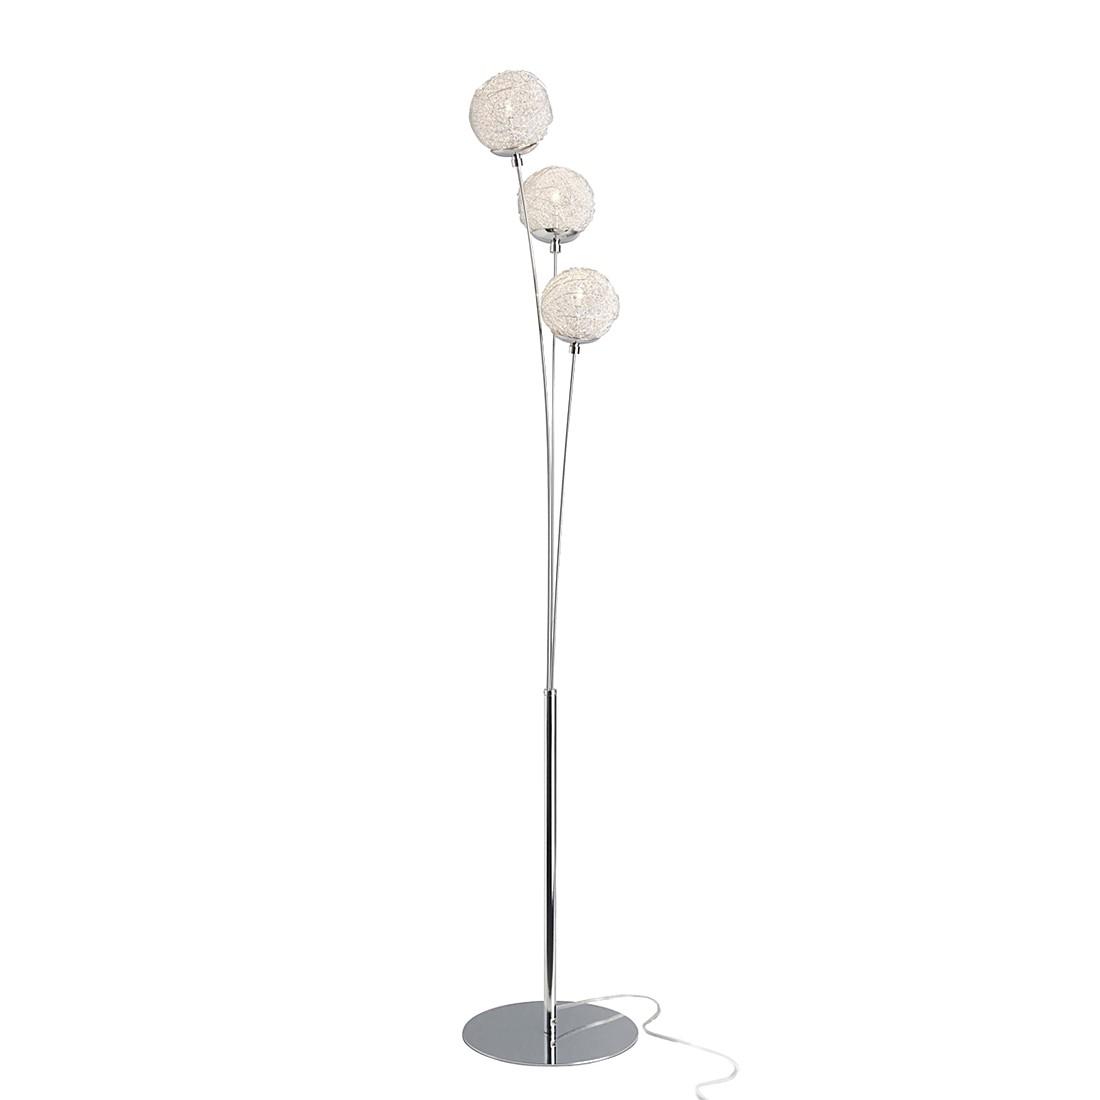 EEK A++, Lampadaire Lesley - 3 ampoules, Brilliant